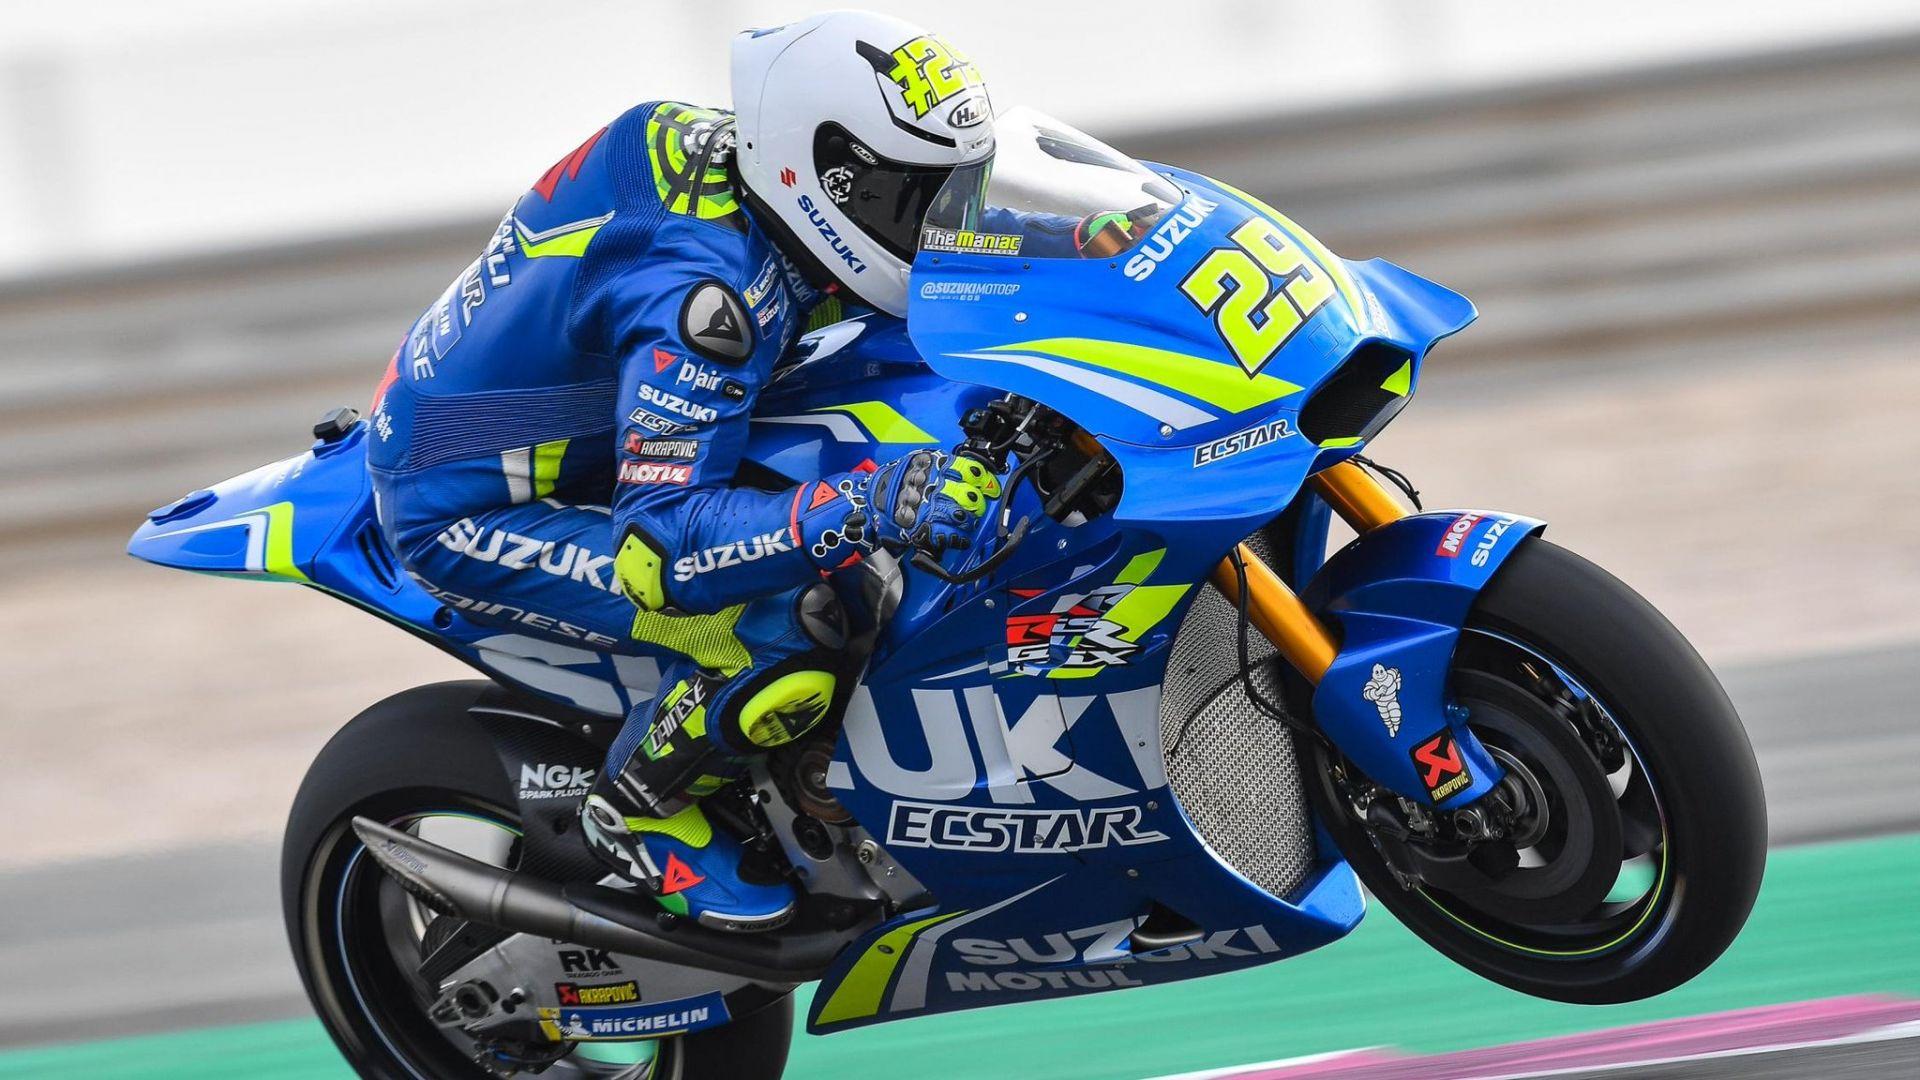 MotoGP 2018, Test Qatar, Day 2: miglior tempo di Andrea Iannone con la Suzuki - MotorBox